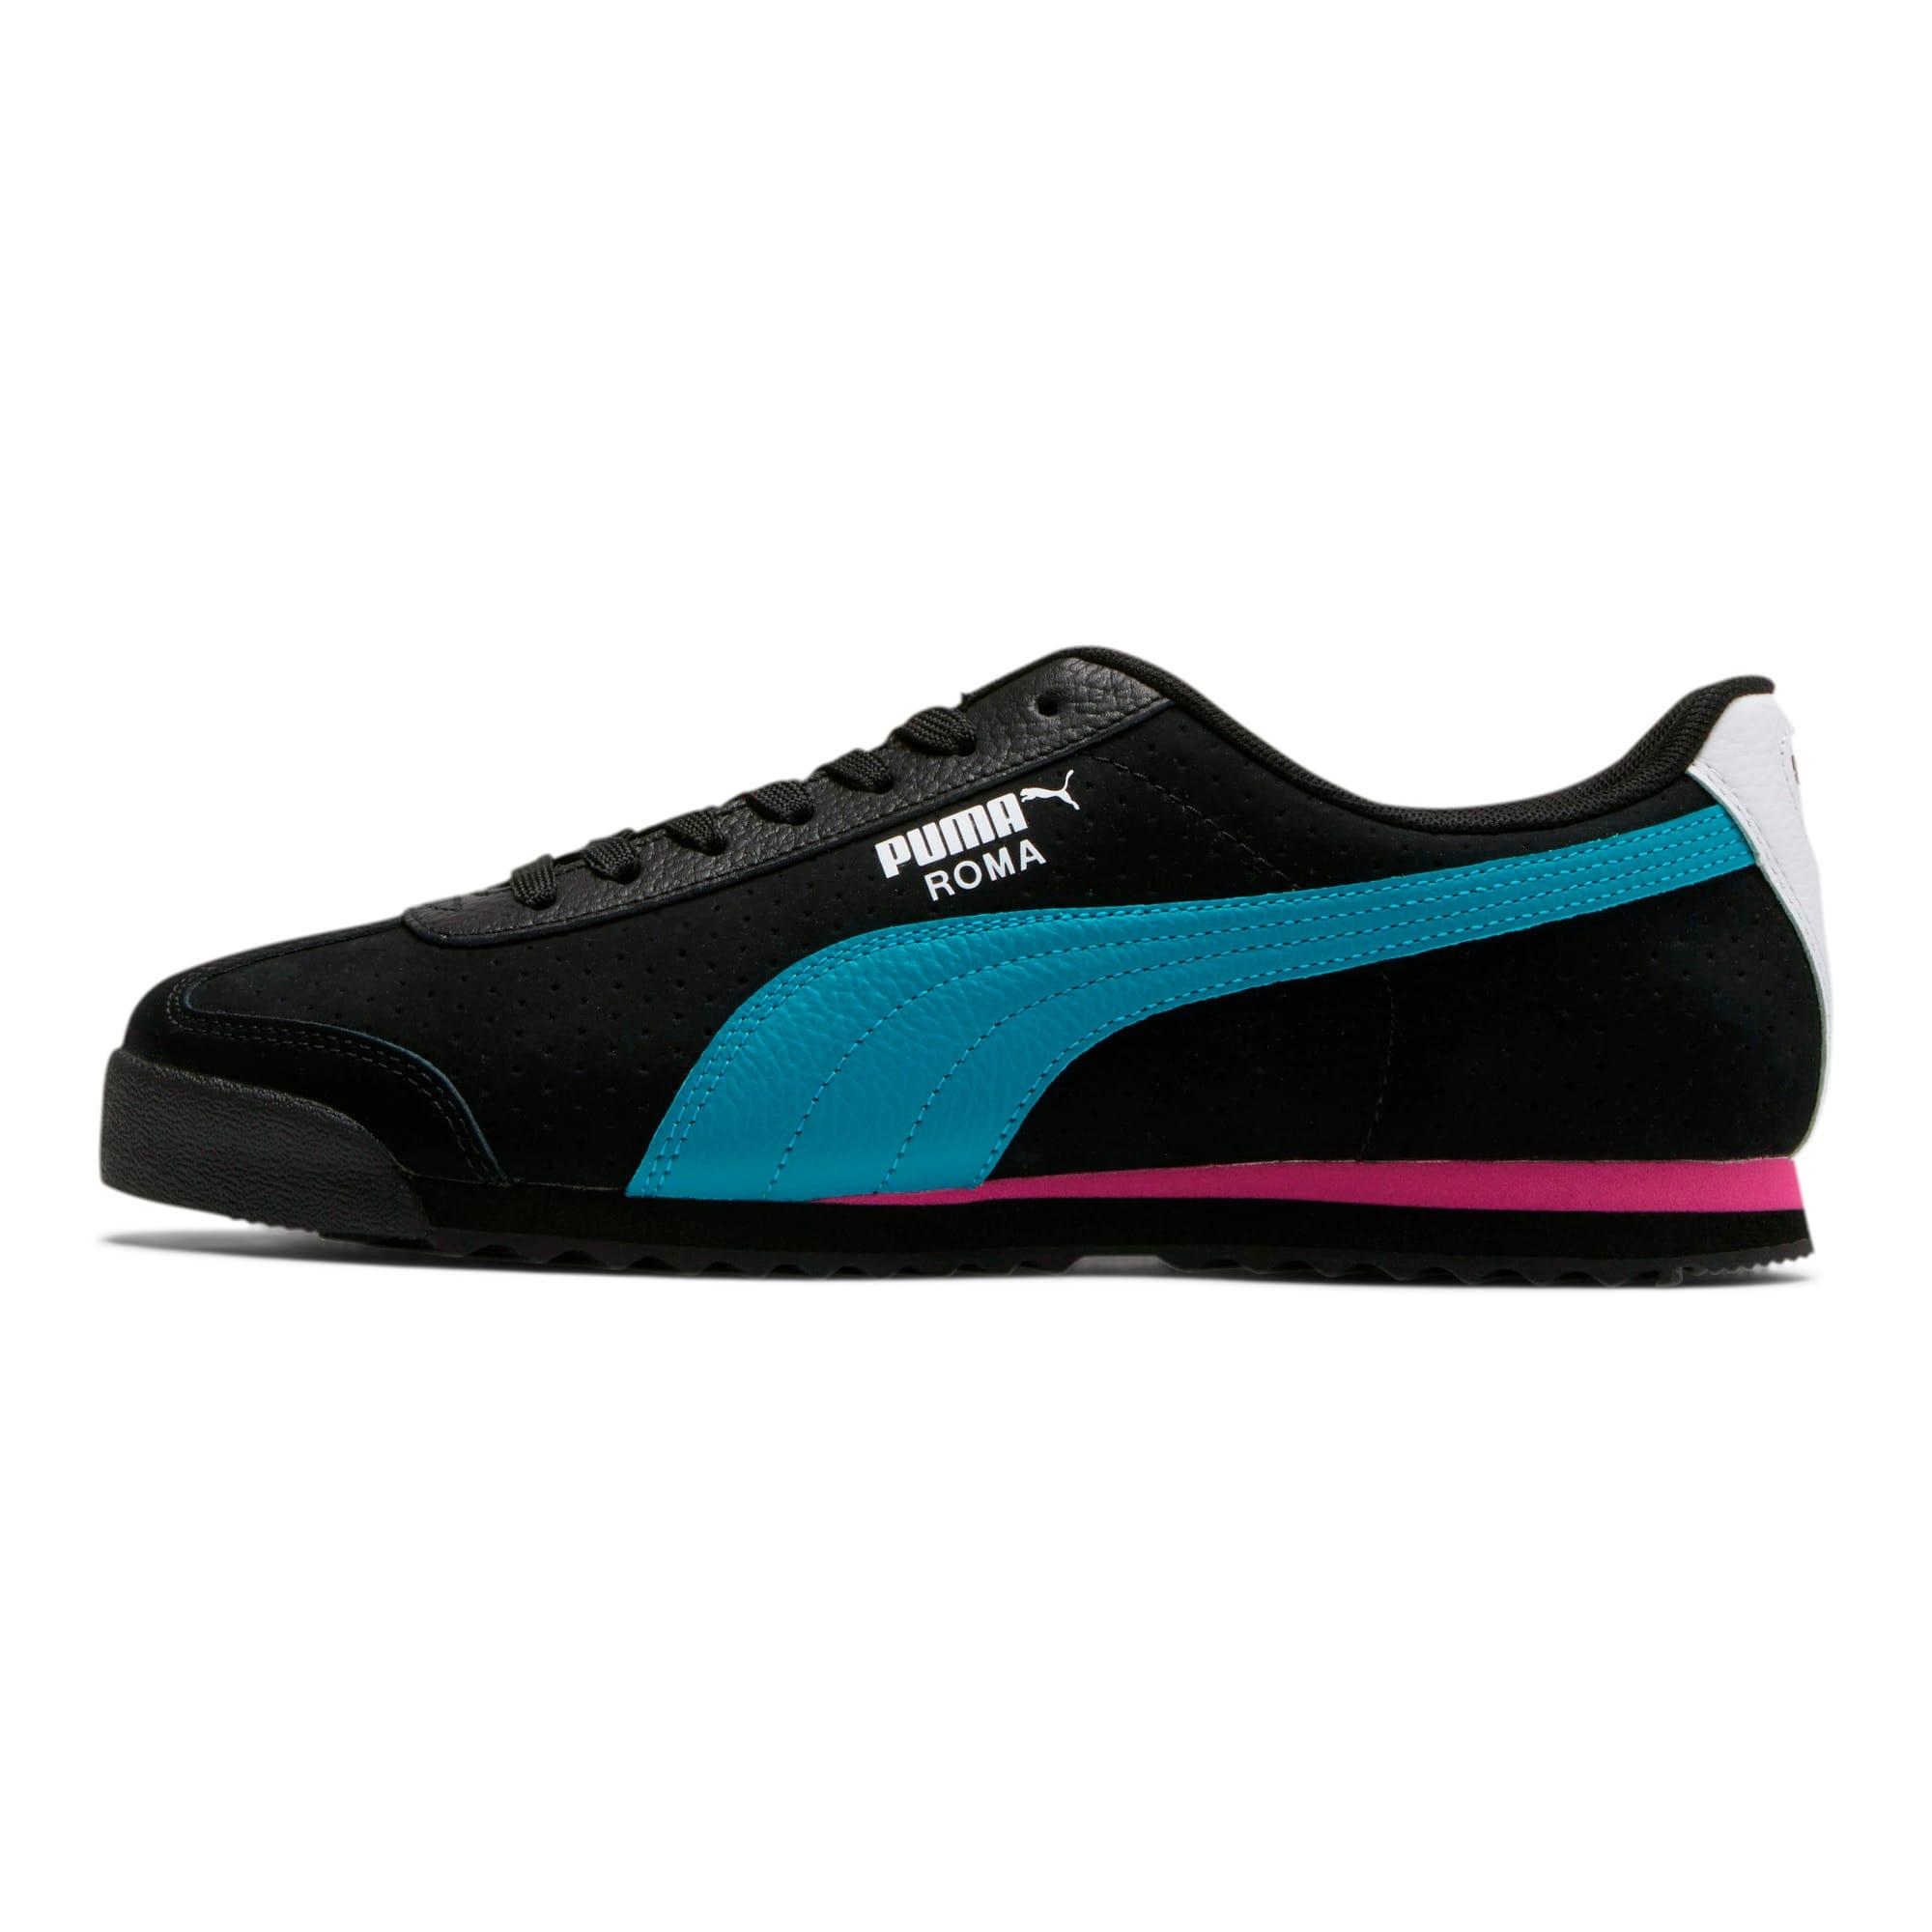 Thumbnail 1 of Roma XTG Perf Men's Sneakers, P Black-P White-Carib Sea, medium